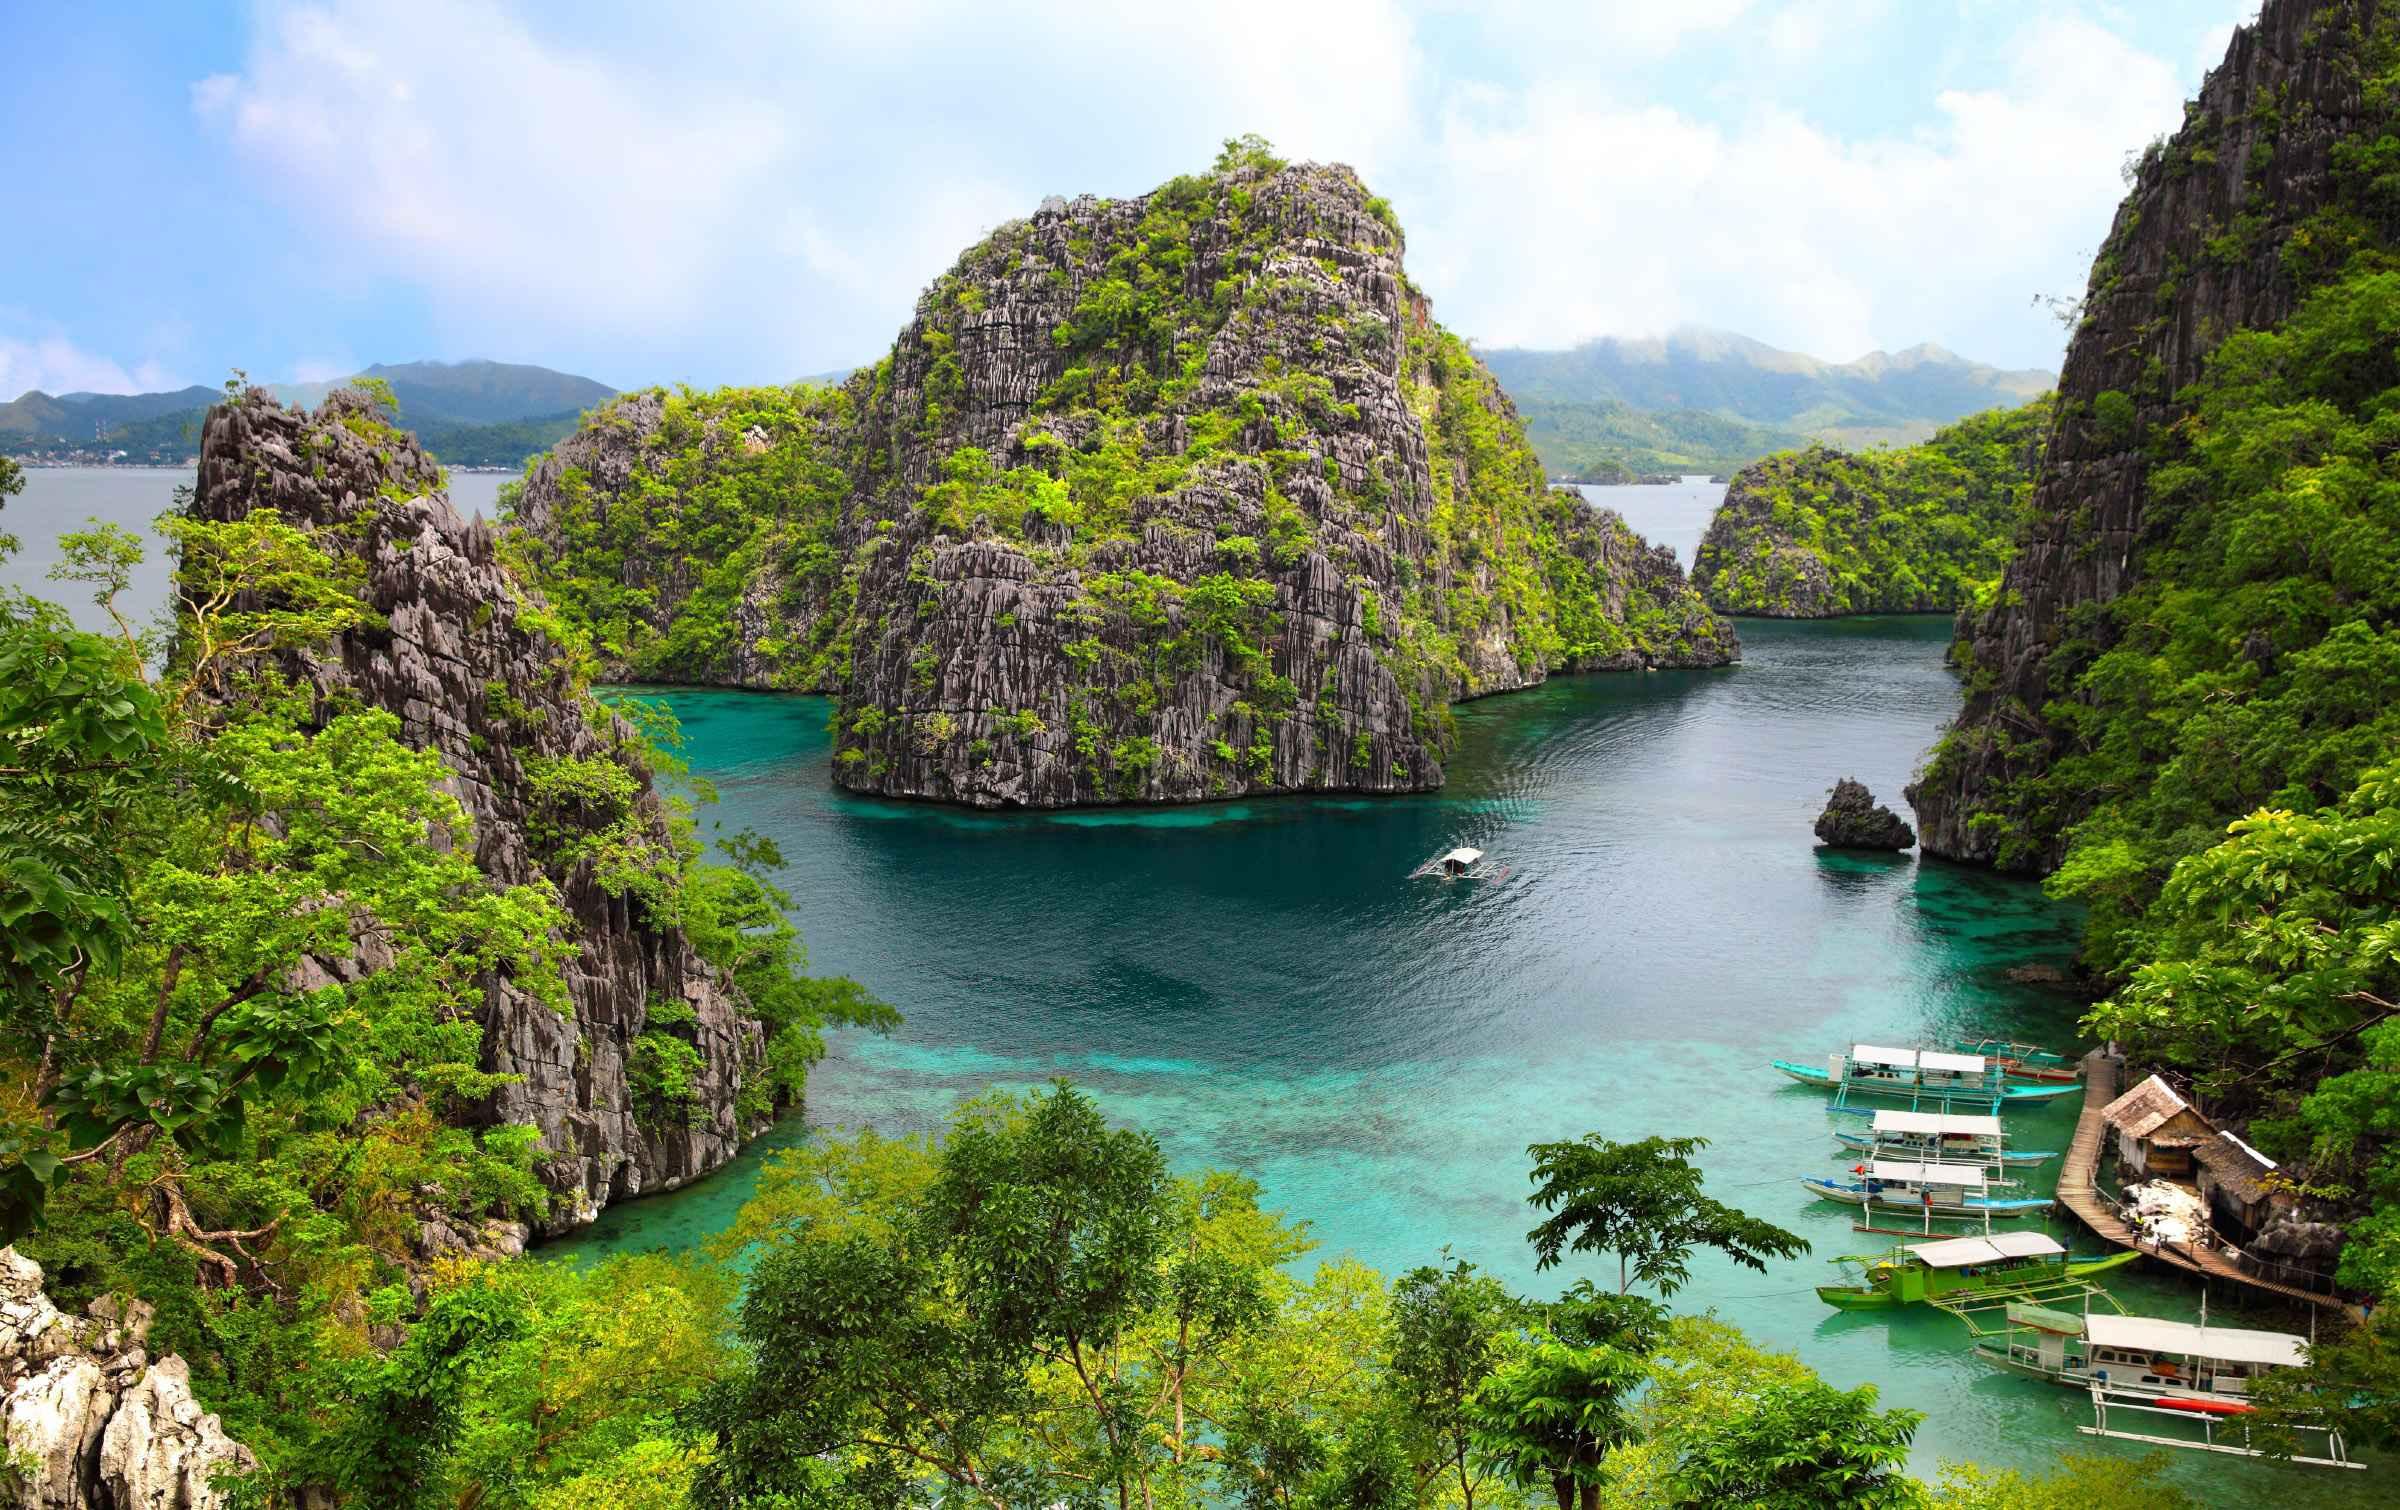 آشنایی با مکان های دیدنی فیلیپین